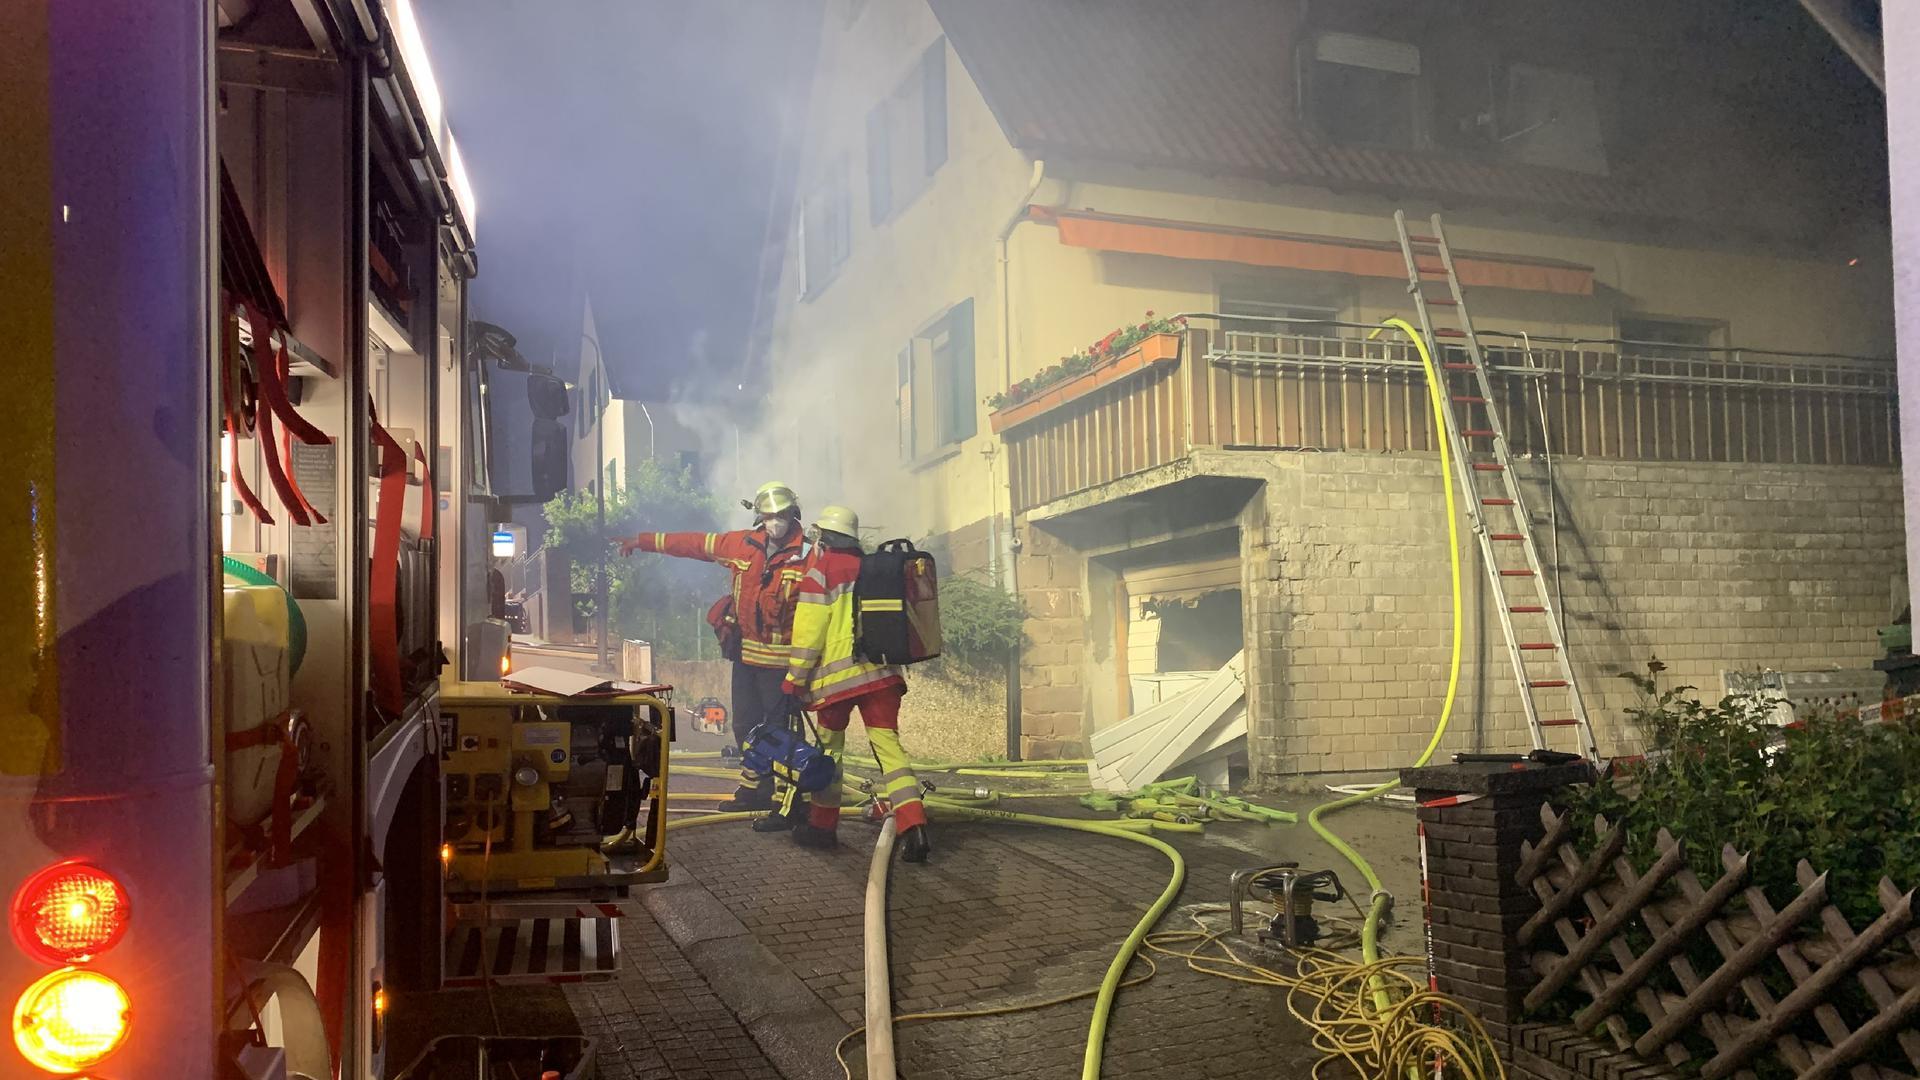 POL-Pforzheim: Brand im Keller eines Wohnhauses<br /> <br /> Koenigsbach-Stein/Enzkreis (ots) - Am Freitag, kurz nach Mitternacht, brach im<br /> Keller eines Einfamilienhauses in der Oberen Breitstrasse ein Brand aus. Der<br /> einzige Bewohner des Hauses, ein 82jaehriger Mann, konnte sich selbstaendig in<br /> Sicherheit bringen. Er wurde leicht verletzt, als er zunaechst versuchte das<br /> Feuer selbst zu loeschen. Die Brandursache ist derzeit unklar. Die Ermittlungen<br /> der Polizei dauern noch an. Der entstandene Sachschaden an dem Haus wird derzeit<br /> auf ca. 100 000 Euro geschaetzt. Die Loescharbeiten der Feuerwehr gestalteten sich<br /> aeusserst schwierig. Starke Rauchentwicklung und grosse Hitze machten es der<br /> Feuerwehr sehr schwer. Die Brandbekaempfung konnte nur unter dem Einsatz von<br /> schwerem Atemschutzgeraet durchgefuehrt werden. Das Haus ist derzeit nicht mehr<br /> bewohnbar. Der 82jaehrige kam bei Verwandten unter. Die Feuerwehren Koenigsbach,<br /> Stein, Remchingen und Pforzheim sowie der Rettungsdienst waren mit insgesamt 66<br /> Einsatzkraeften an dem Brandort. Die Polizei hatte vier Streifen im Einsatz.